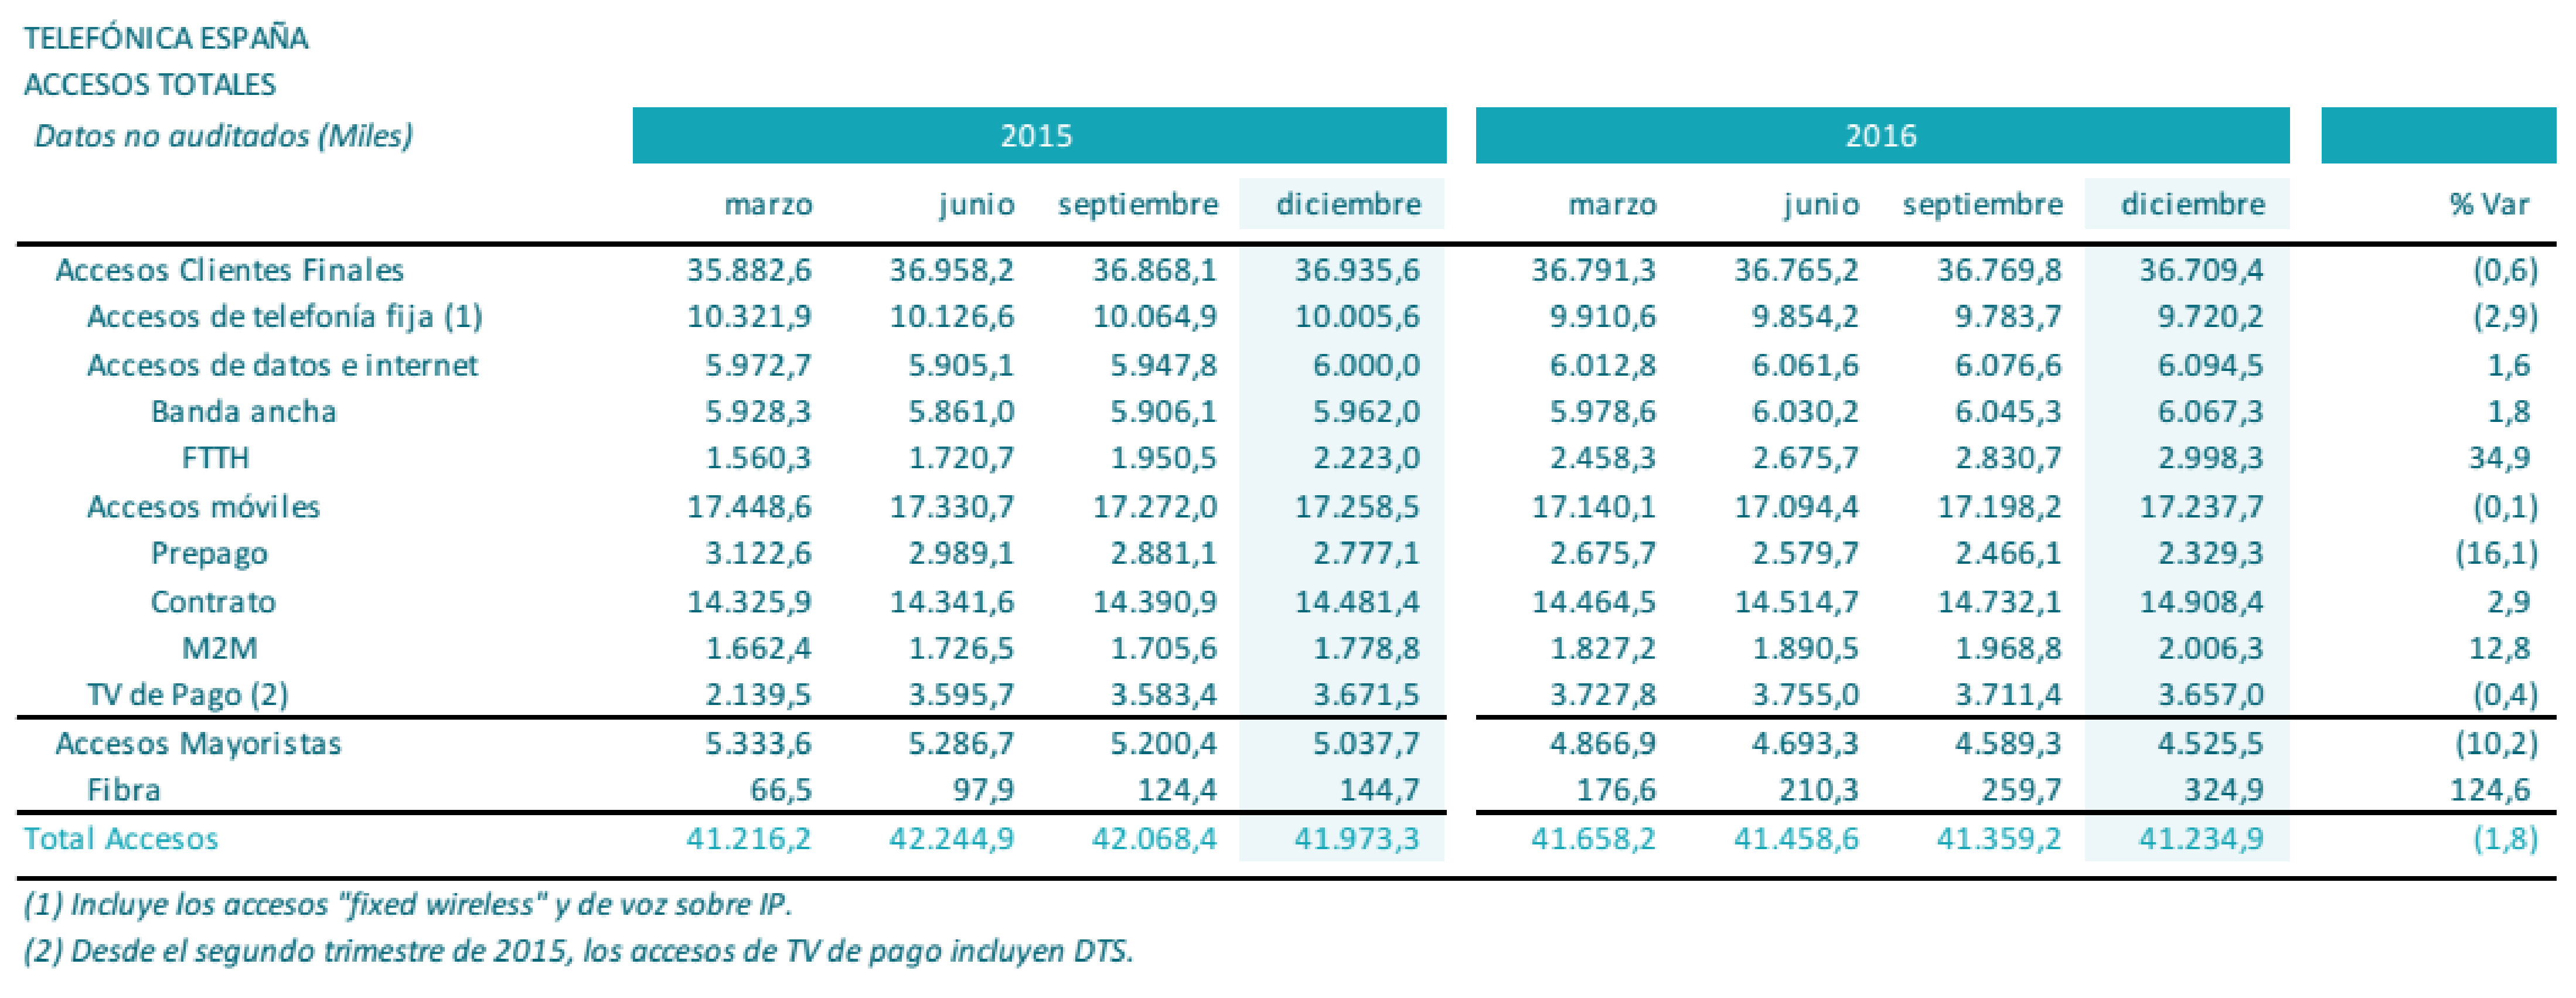 Resultados Telefónica de España, 4º Trimestre 2016 - UGT Comunicaciones